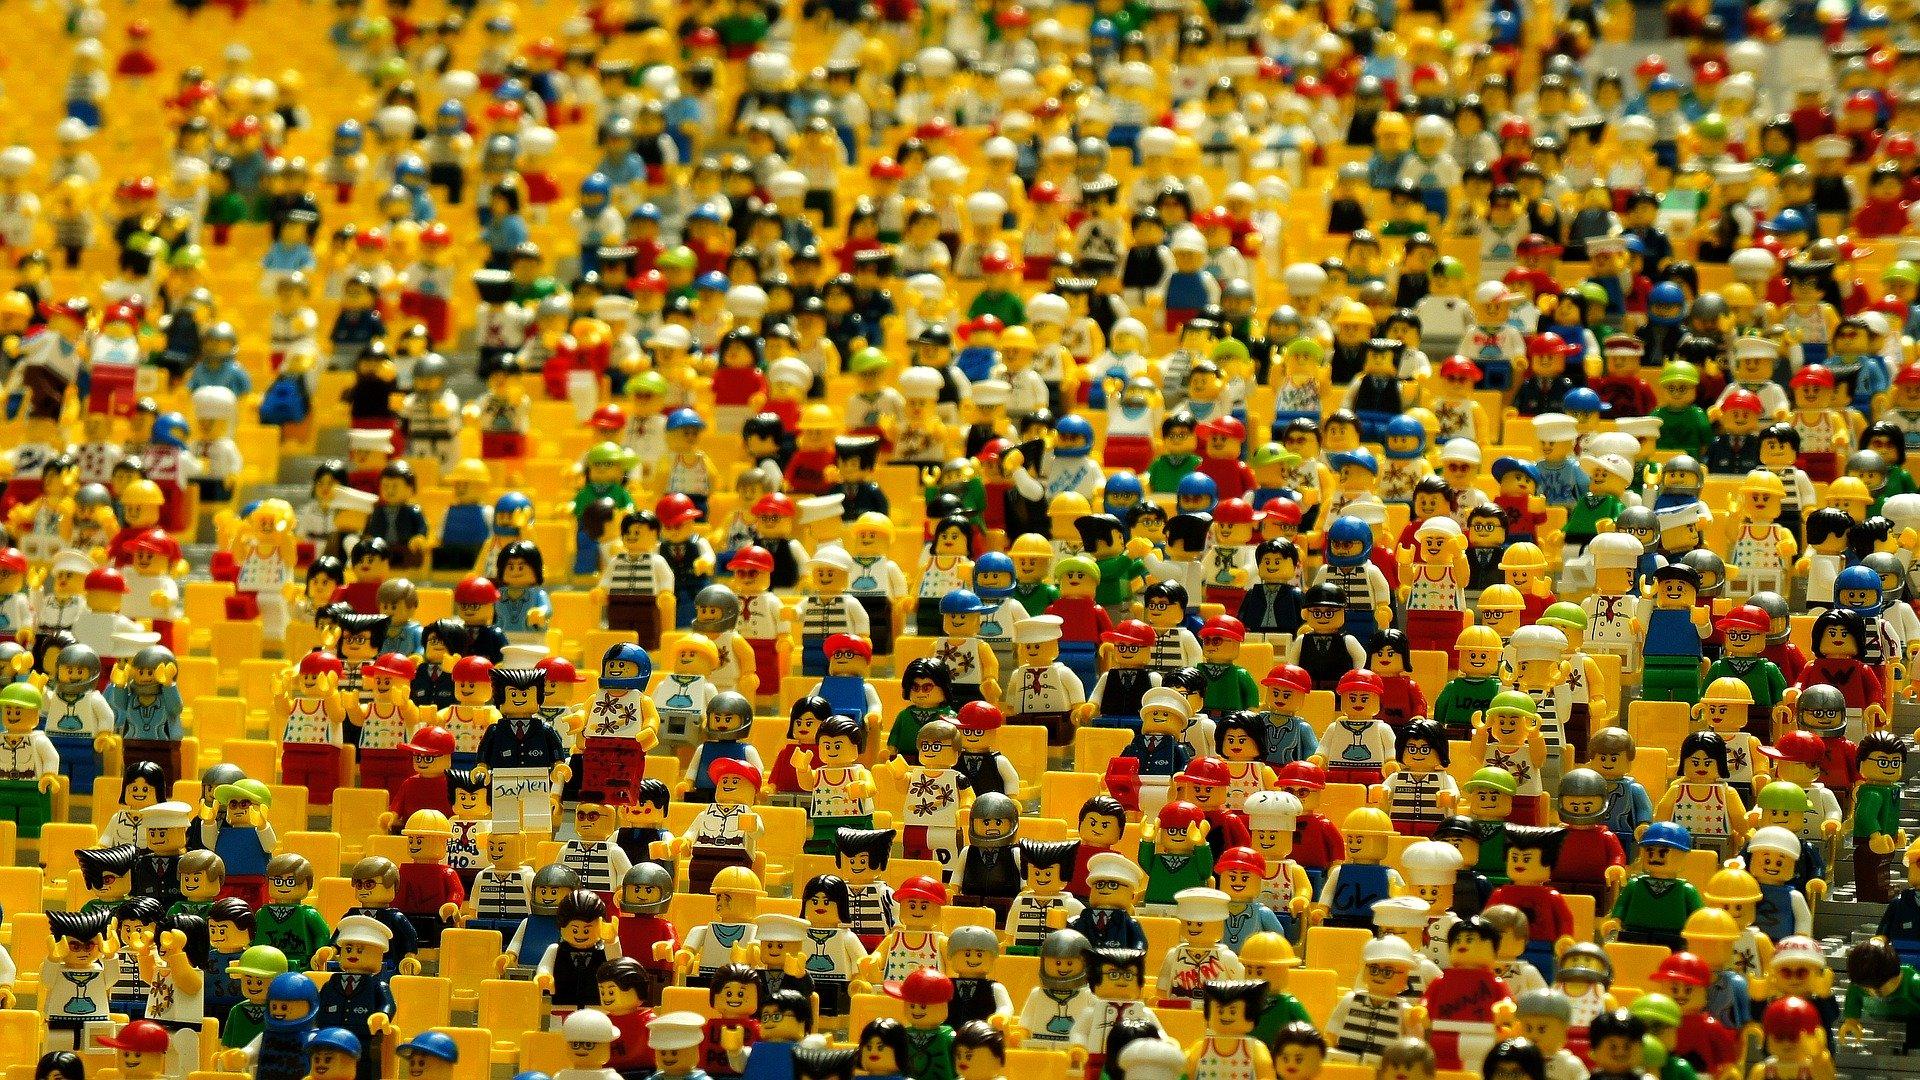 Social Media Reichweite dargestellt durch eine Menge an Lego-Männchen